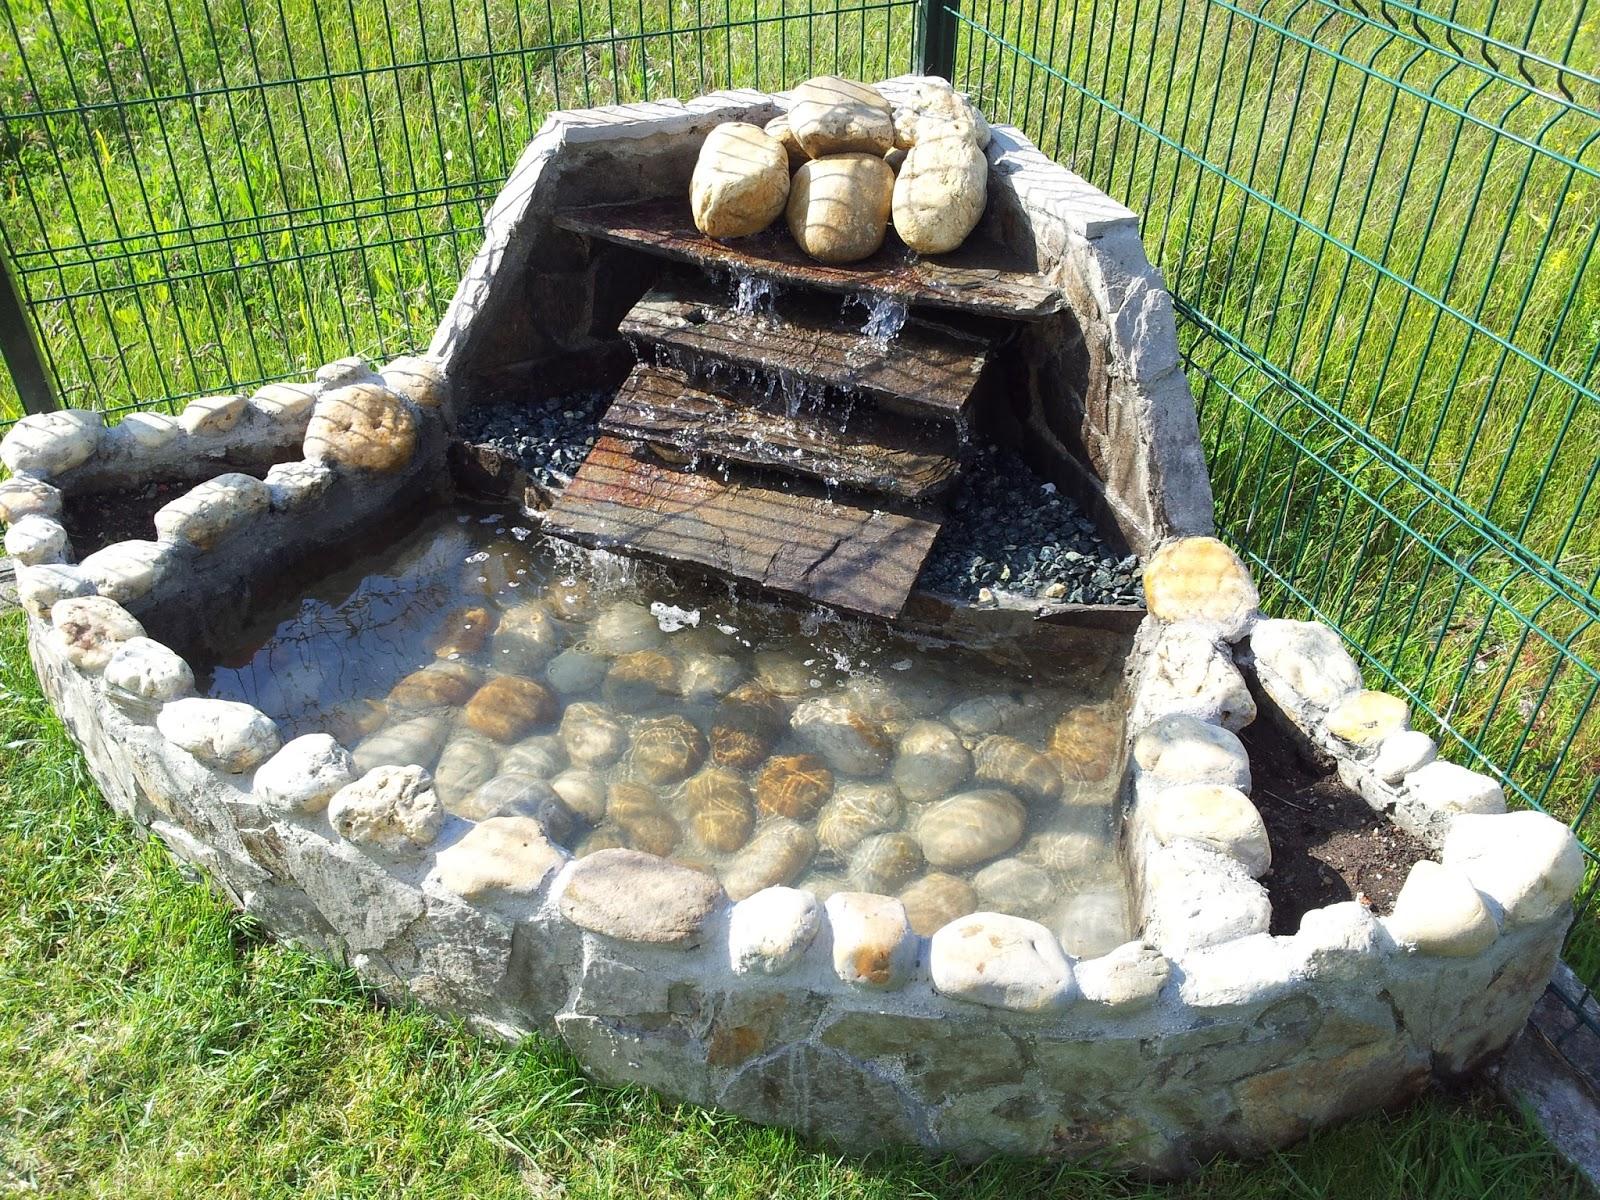 Brico fuente de jard n for Fuentes de jardin